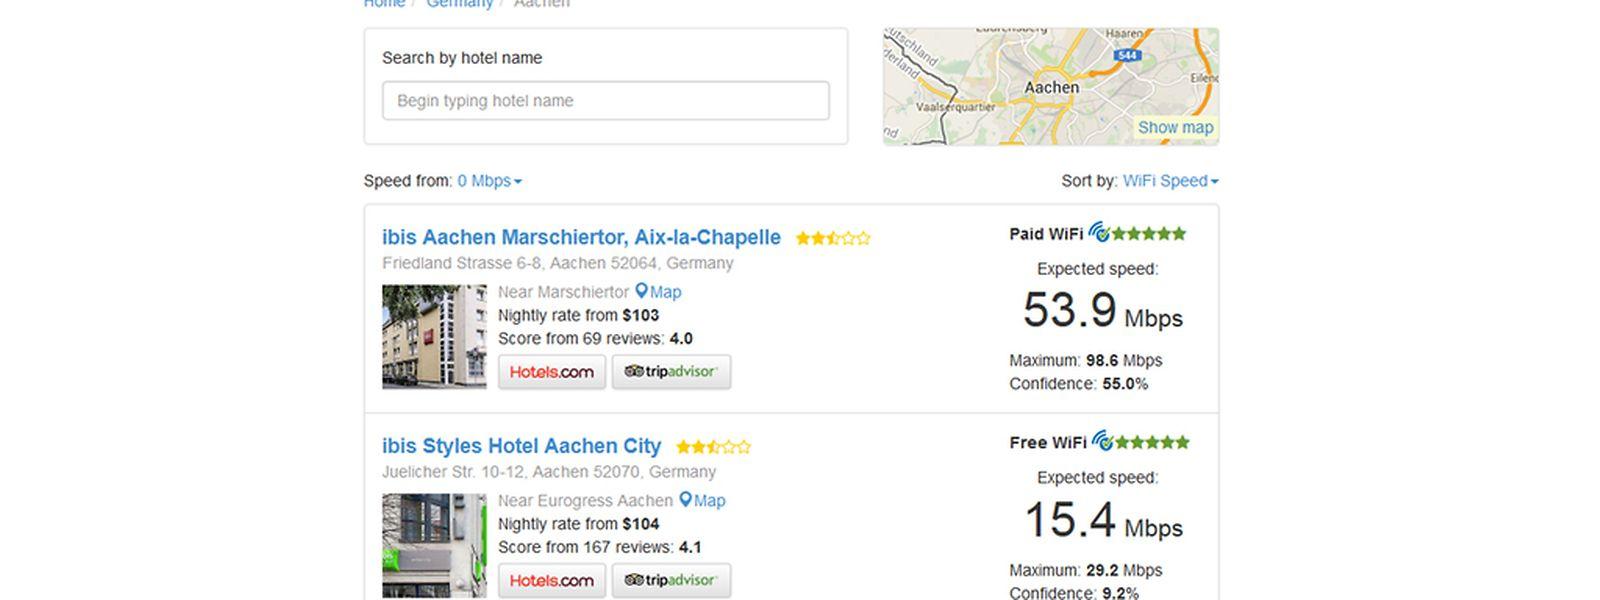 Auf Messdaten von fünf Hotels kommmt derzeit die Stadt Aachen, auch Hotels in Luxemburg können getestet werden.